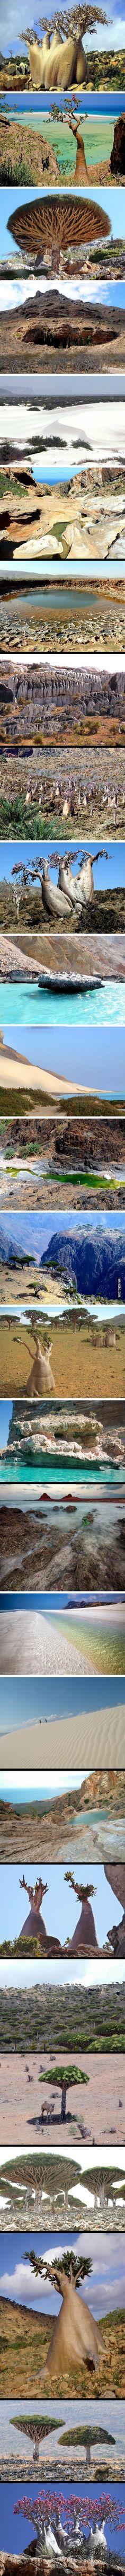 Alien Looking Places on Earth- Socotra Island, Yemen